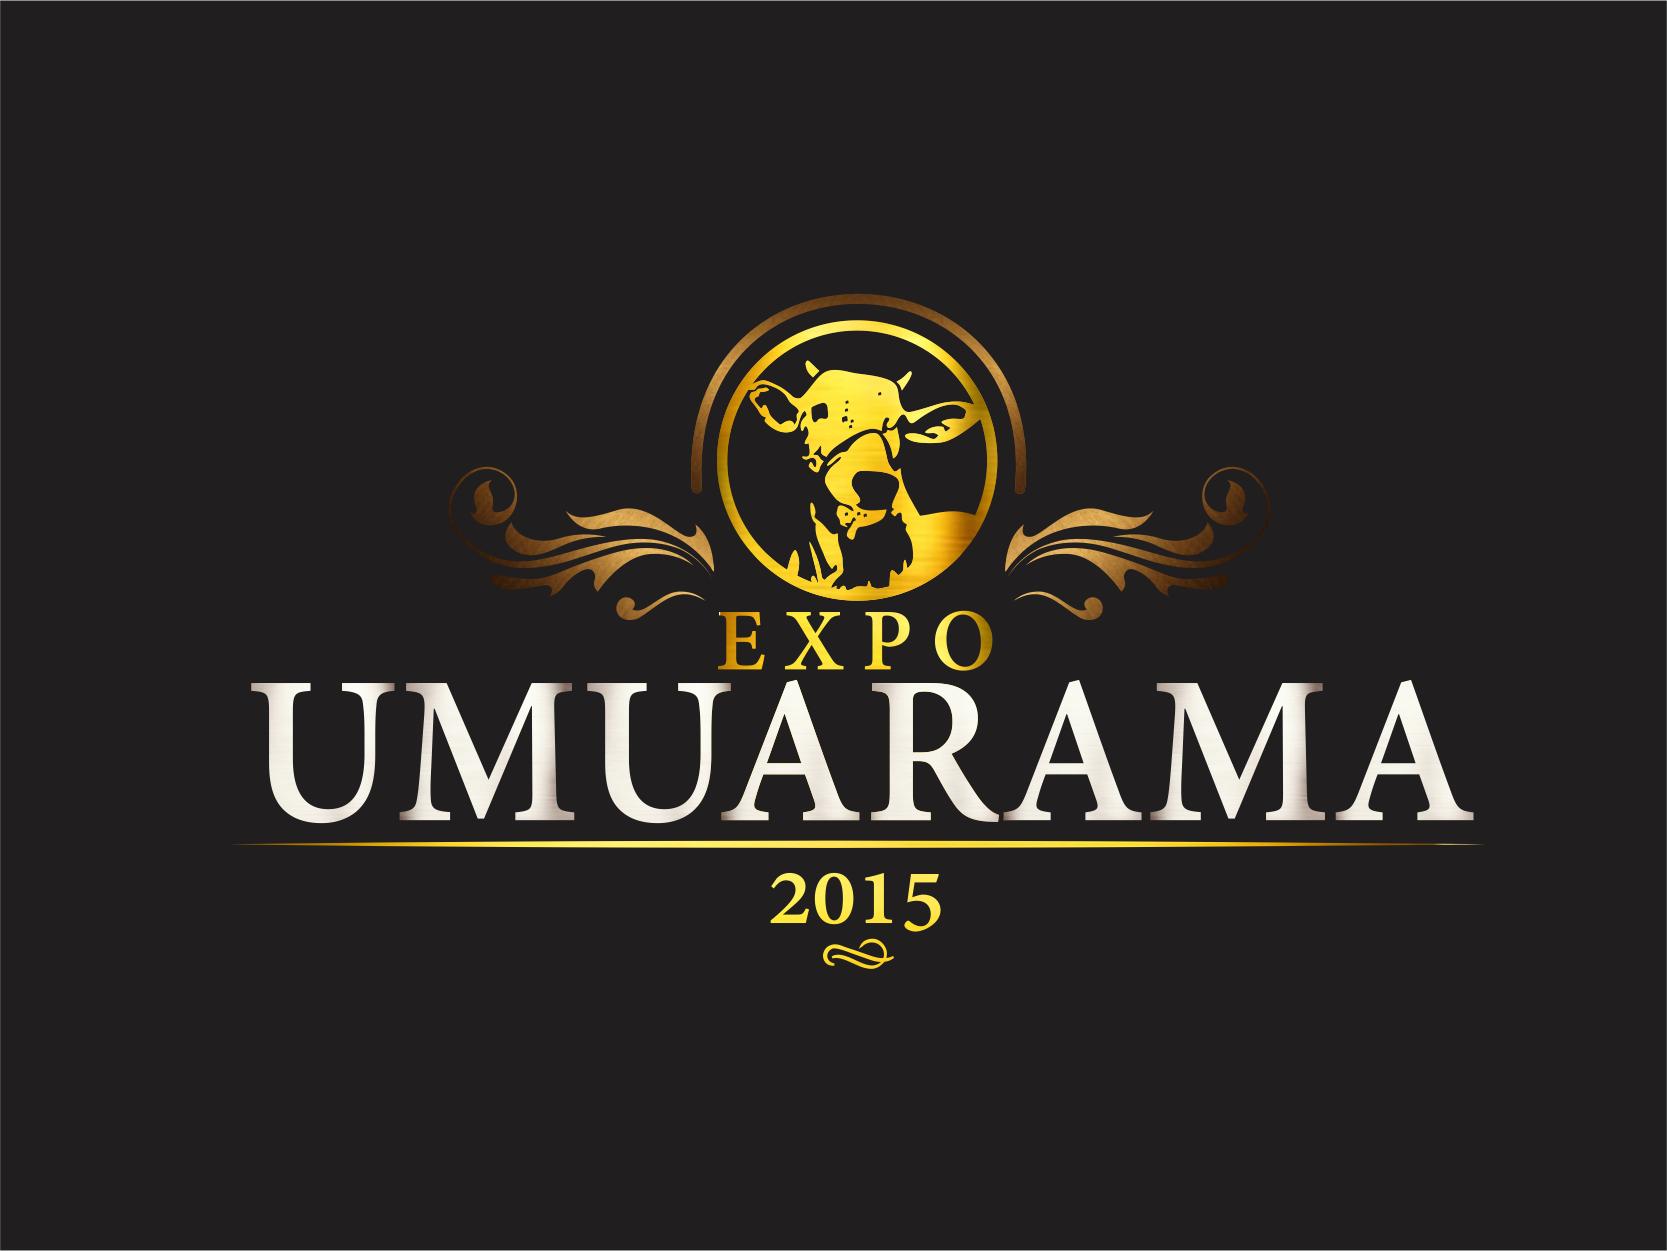 Expo Umuarama